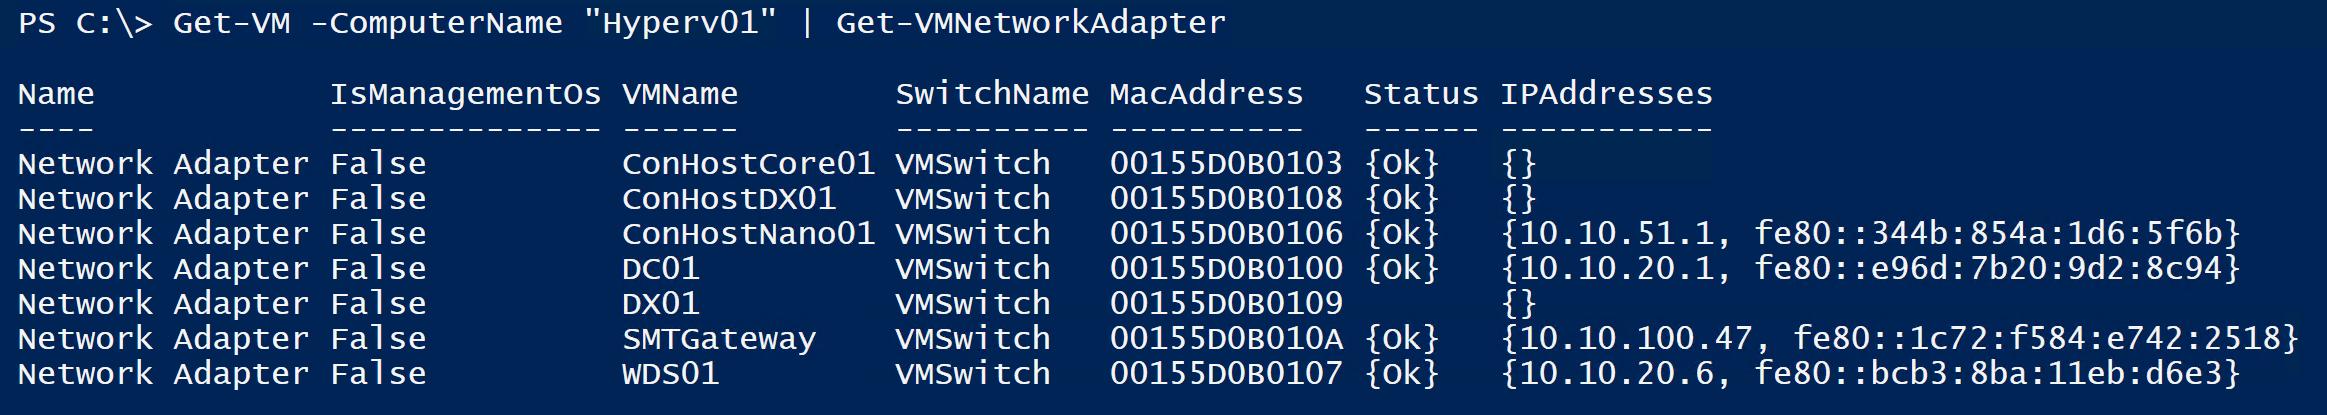 VM Network Adapter